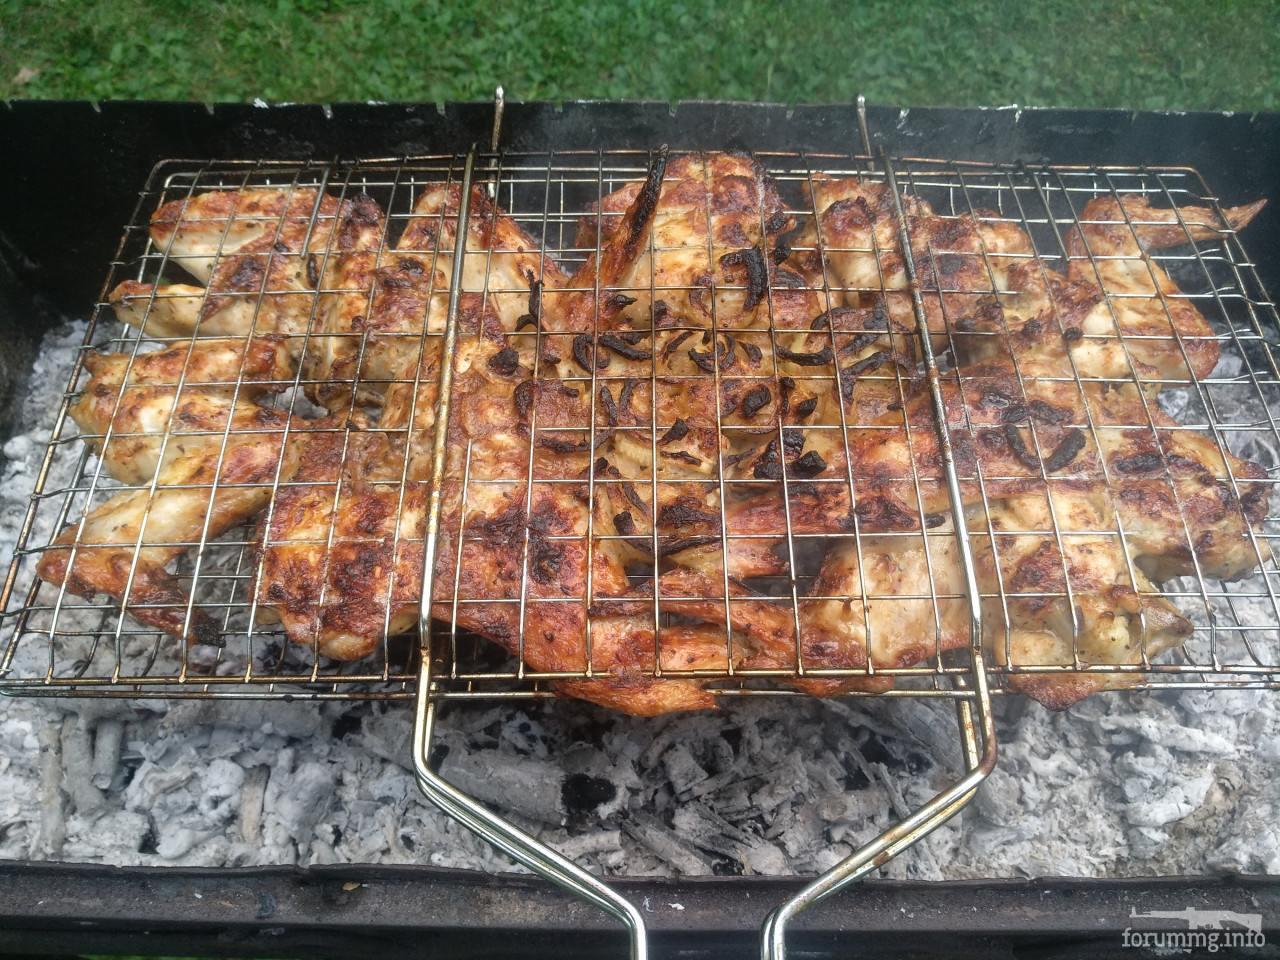 134859 - Закуски на огне (мангал, барбекю и т.д.) и кулинария вообще. Советы и рецепты.